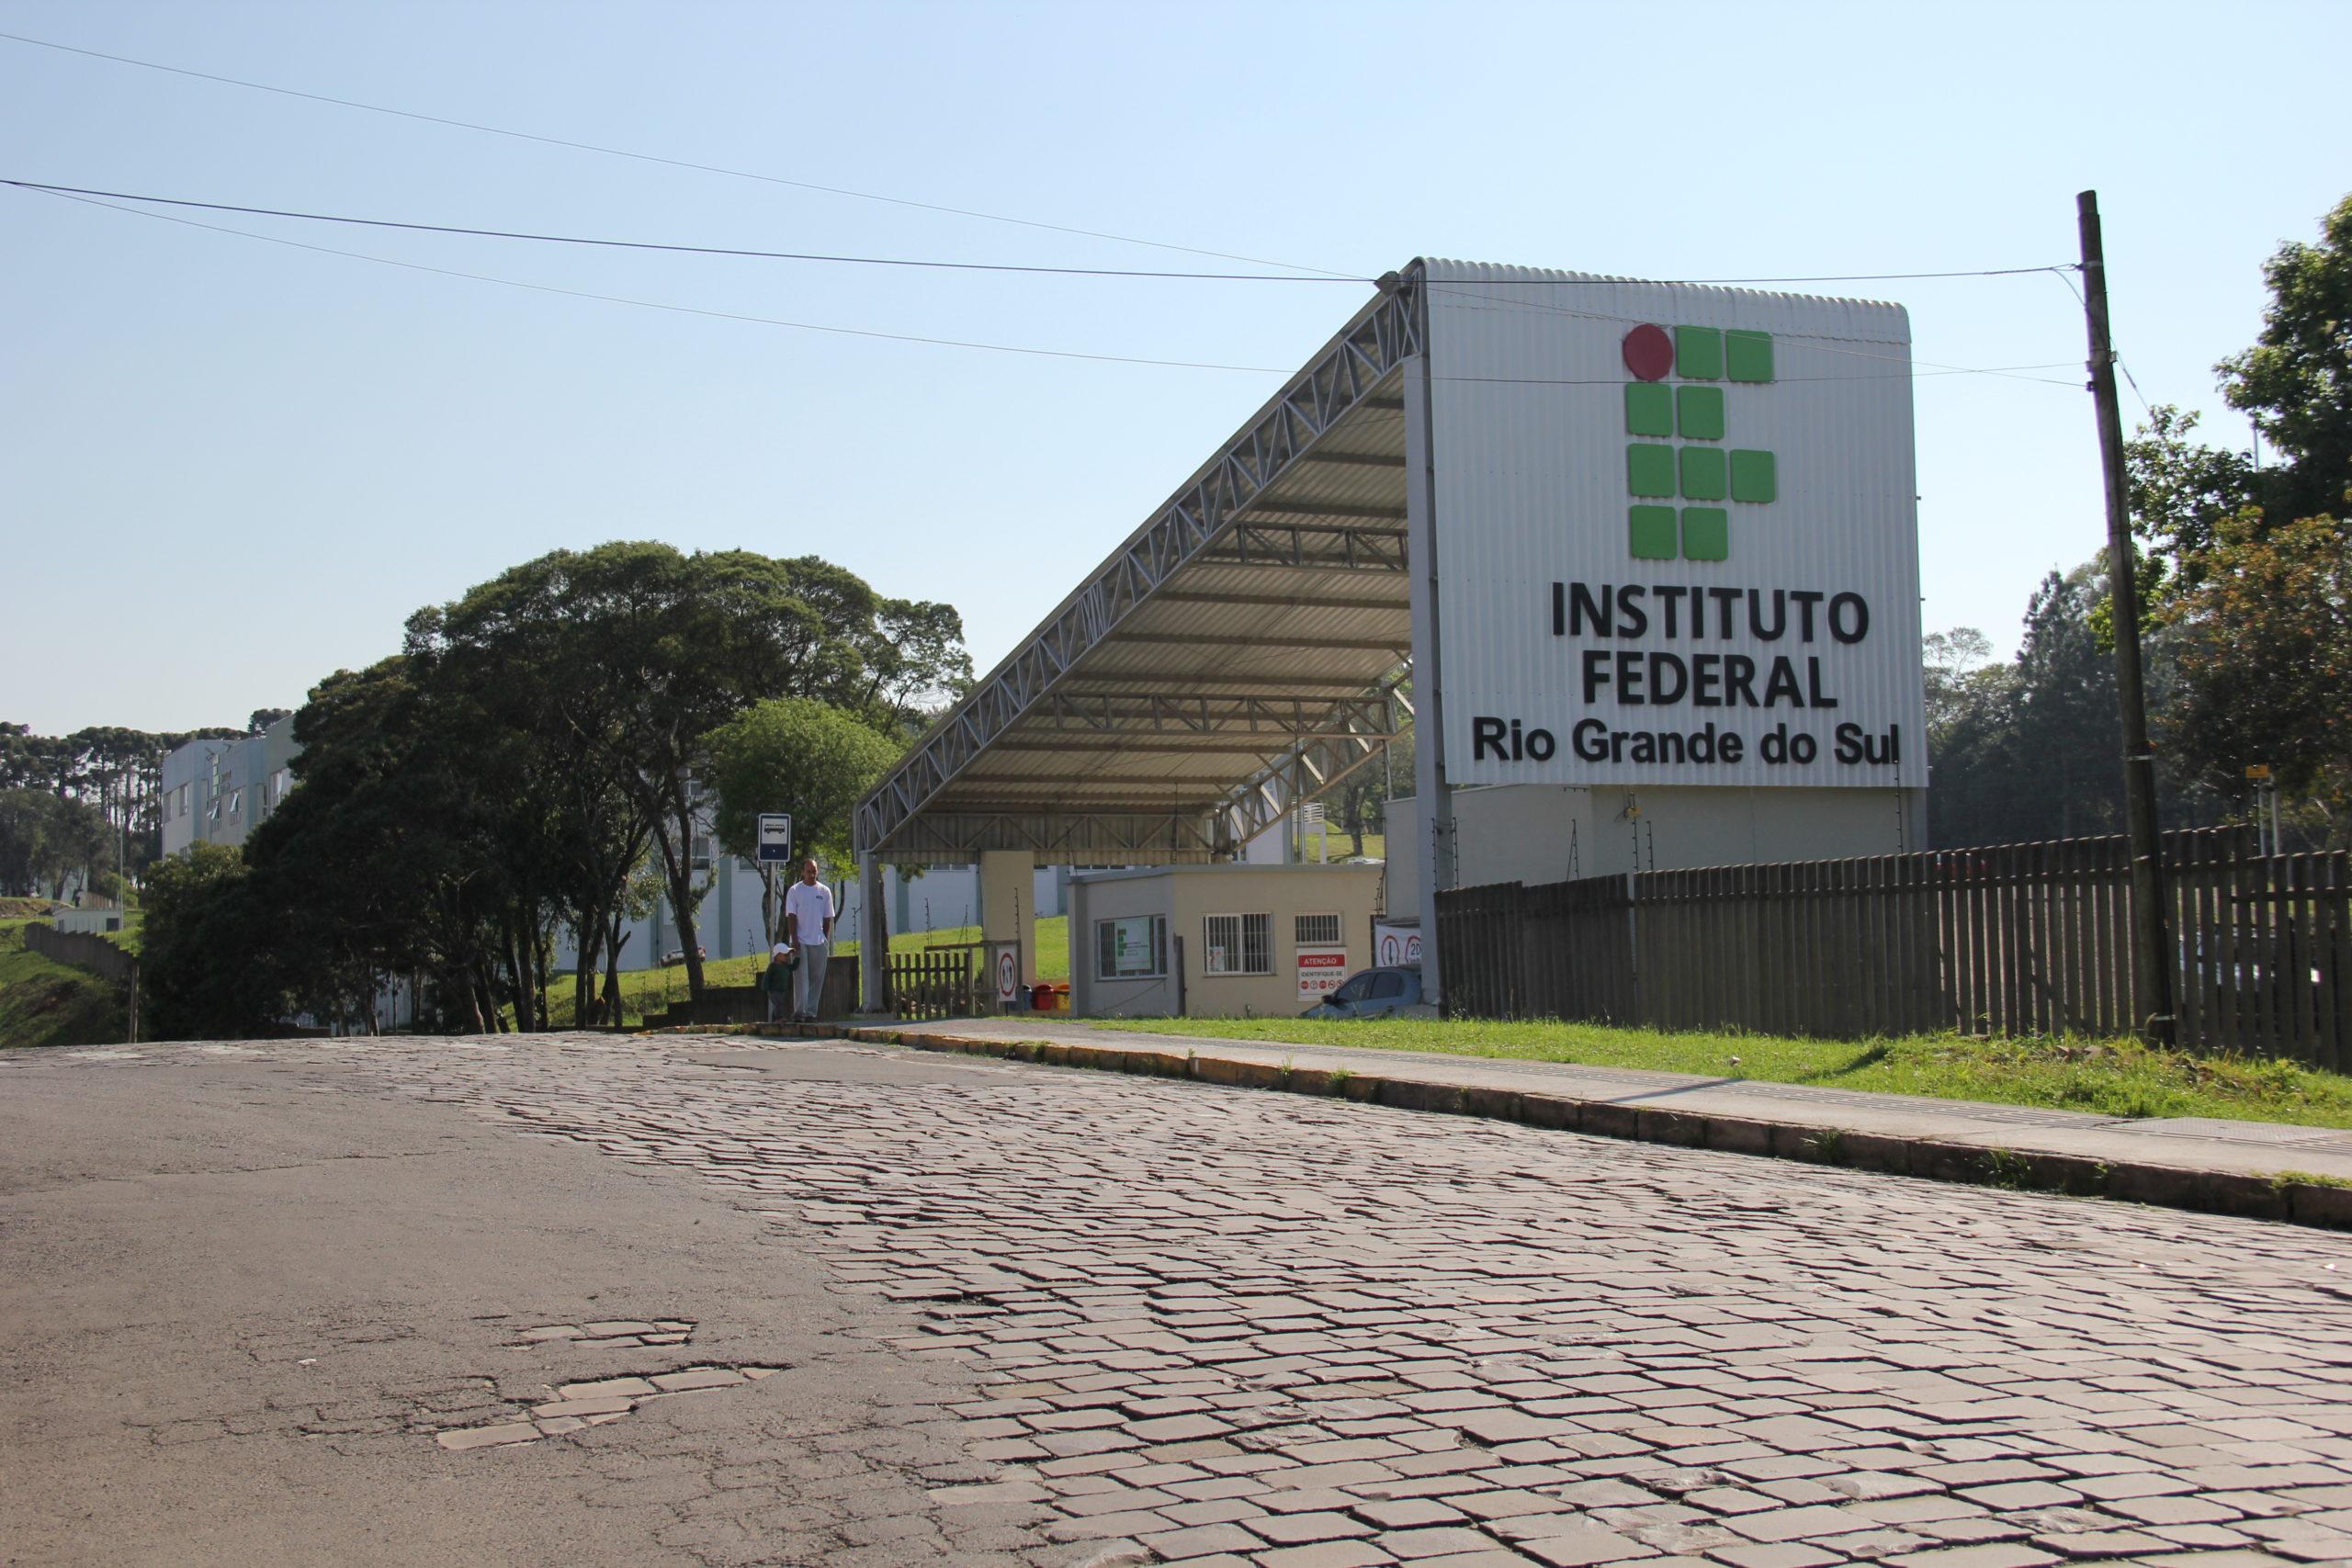 Fachada do IFRS em Caxias do Sul. Foto: Luciano Cardoso/Divulgação